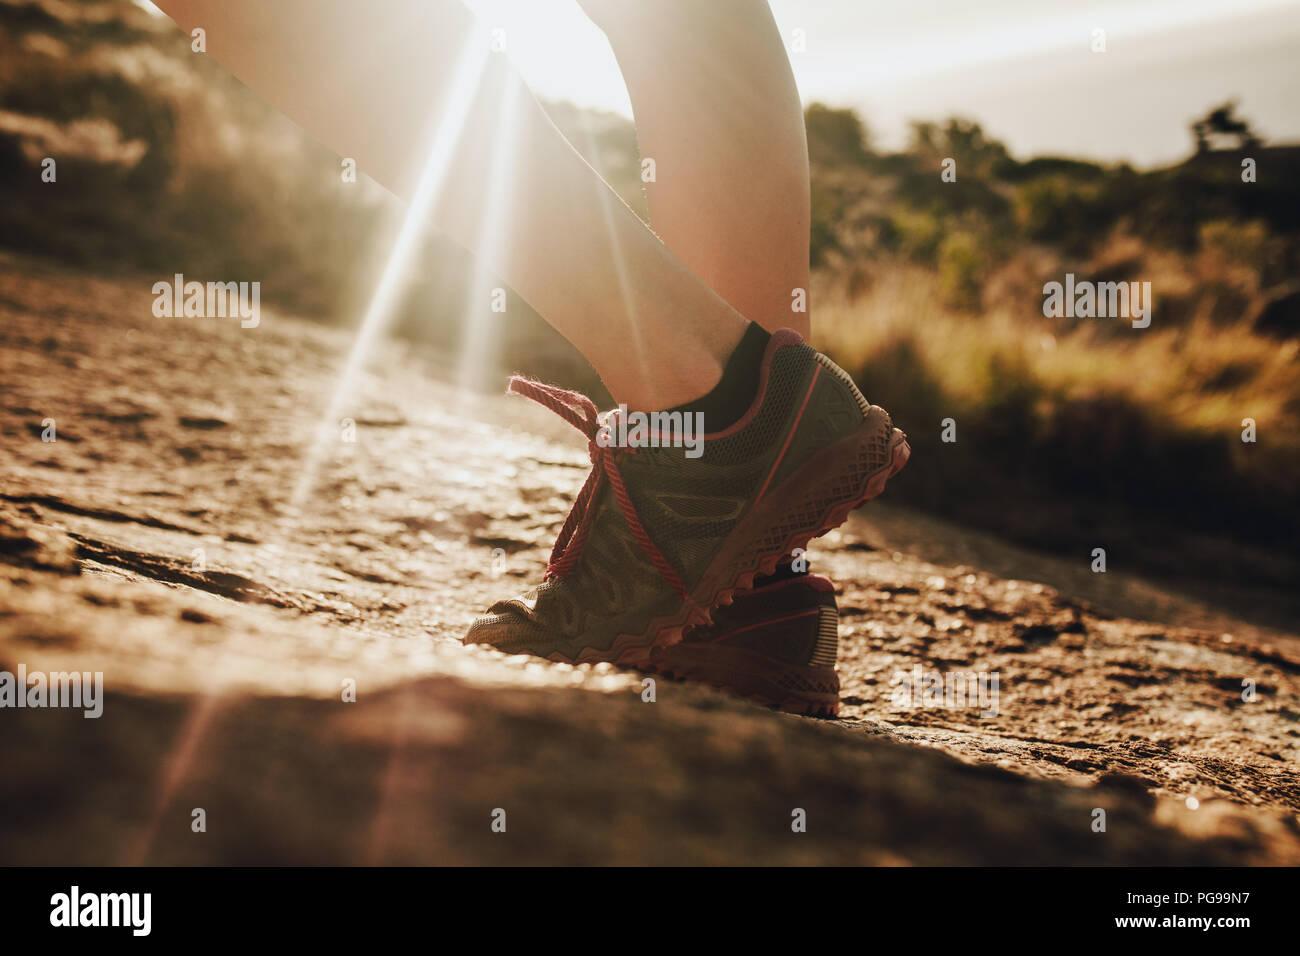 Close up femmina sentiero di montagna runner indossa calzatura sportiva in piedi nella luce del sole. Donna in scarpe da corsa in piedi nel sentiero roccioso. Immagini Stock